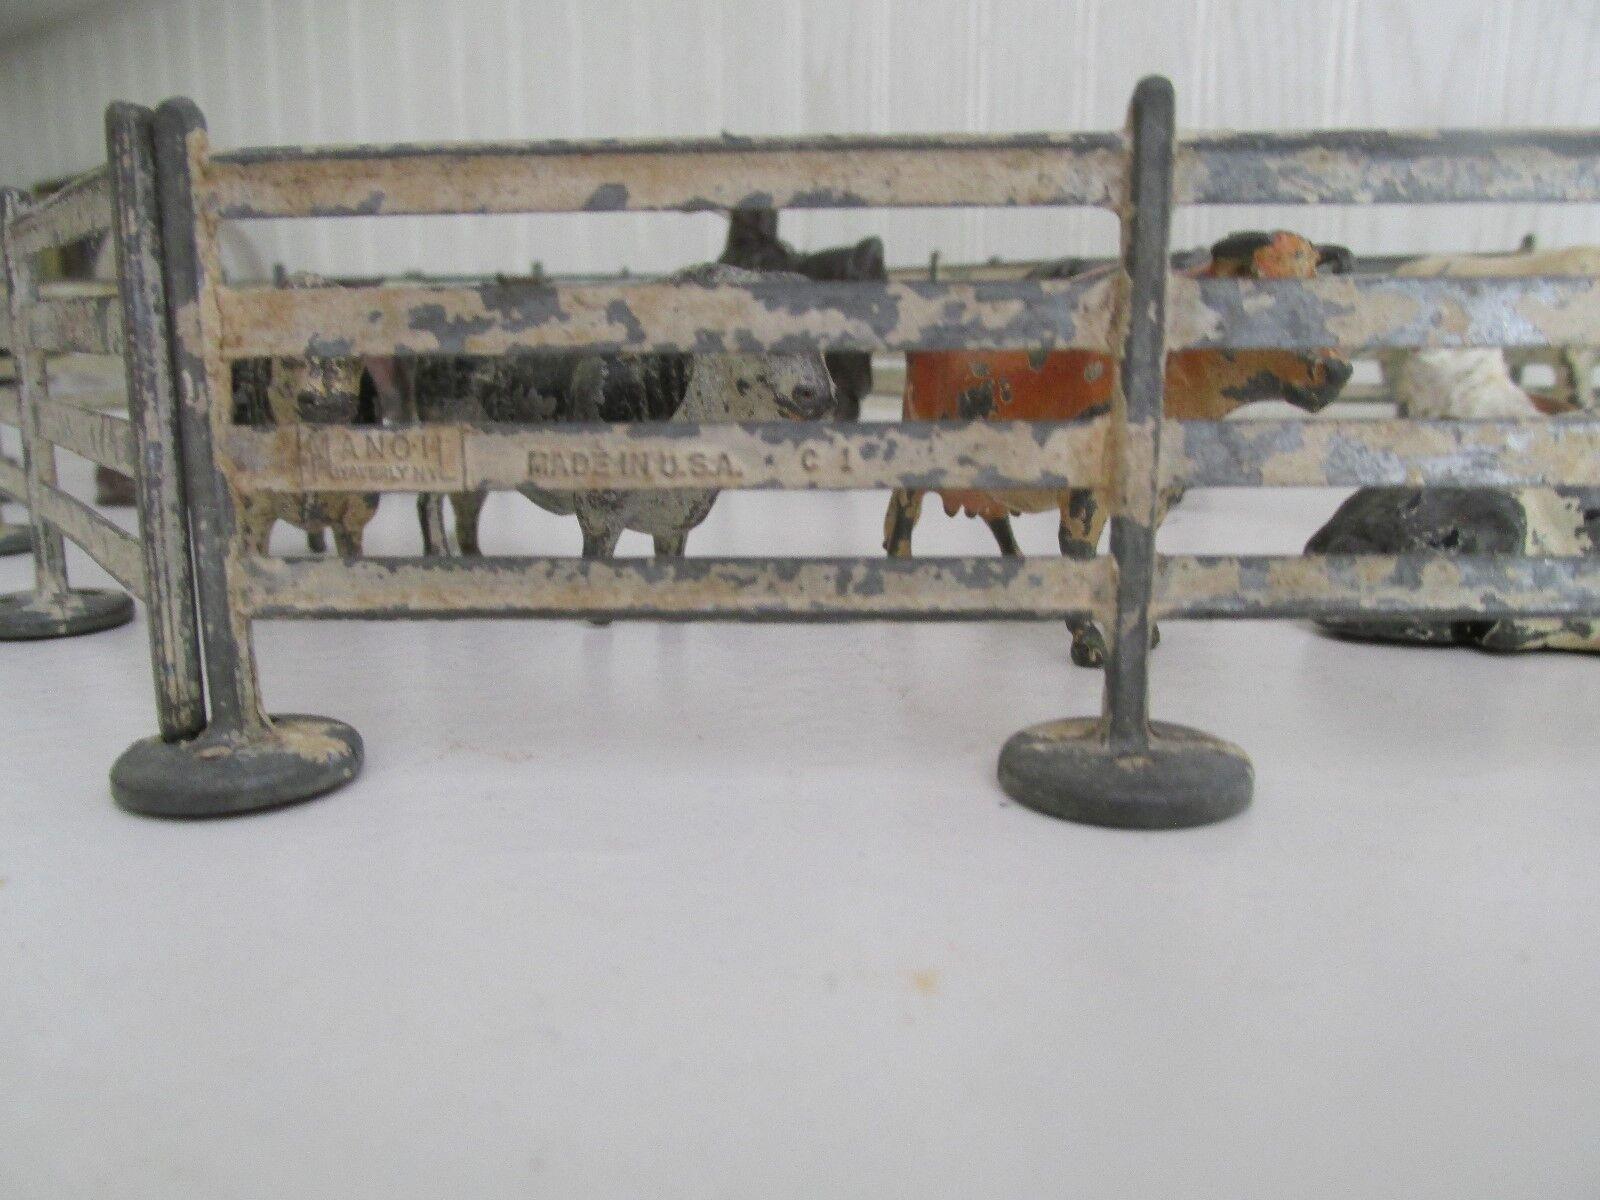 Juguete Vintage valla y Granegro patio animales, vacas, caballos, y 1 perro